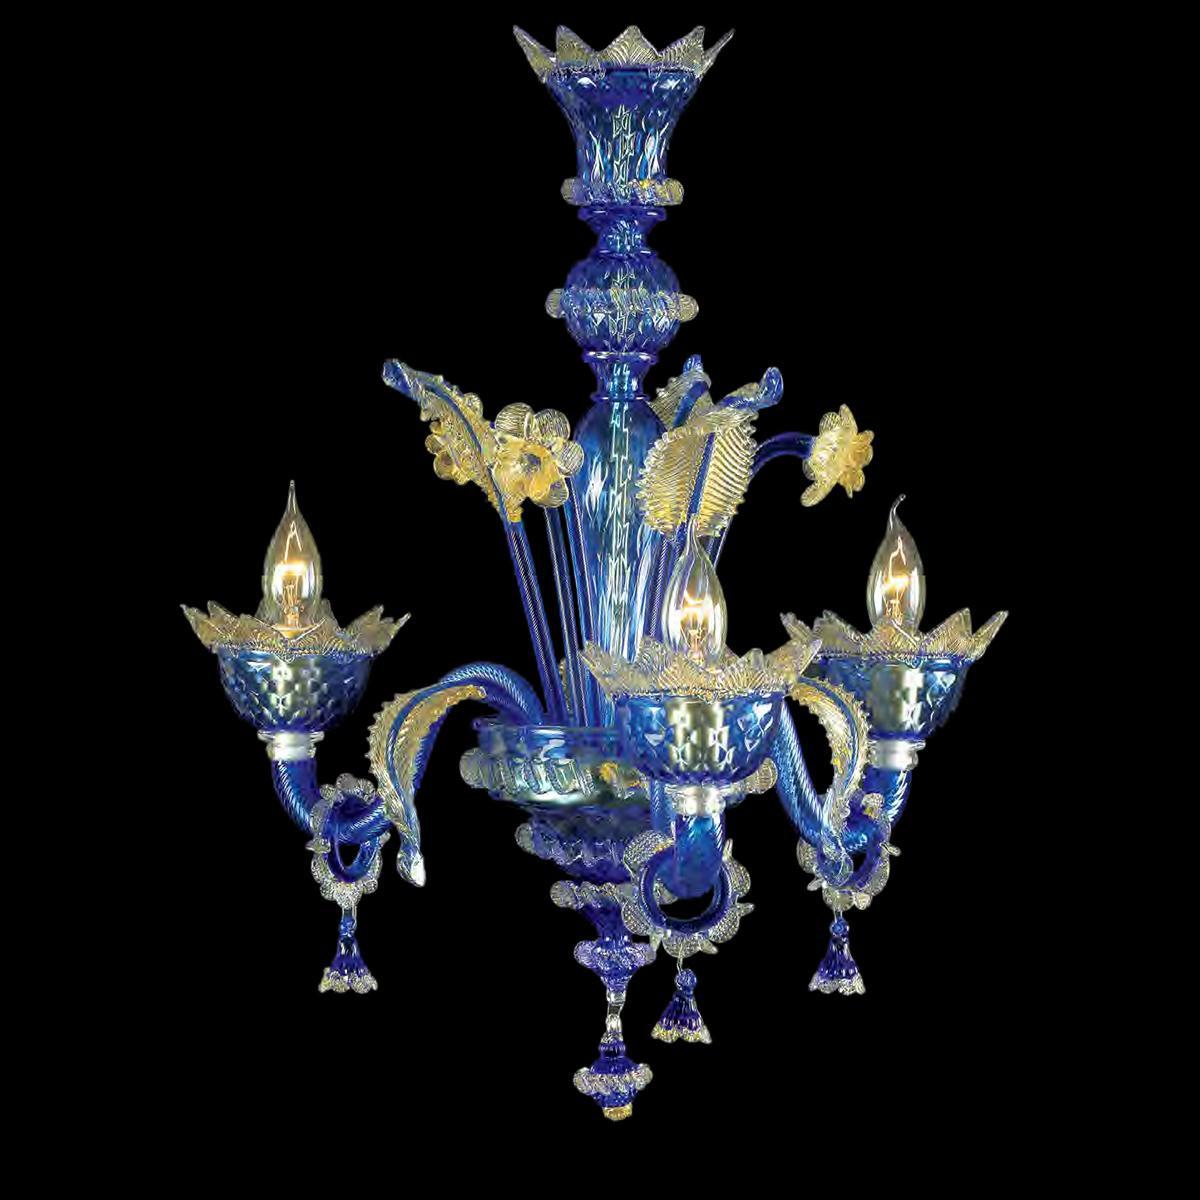 """""""Carine """" Murano glas Kronleuchter - 3 flammig - blau und gold"""